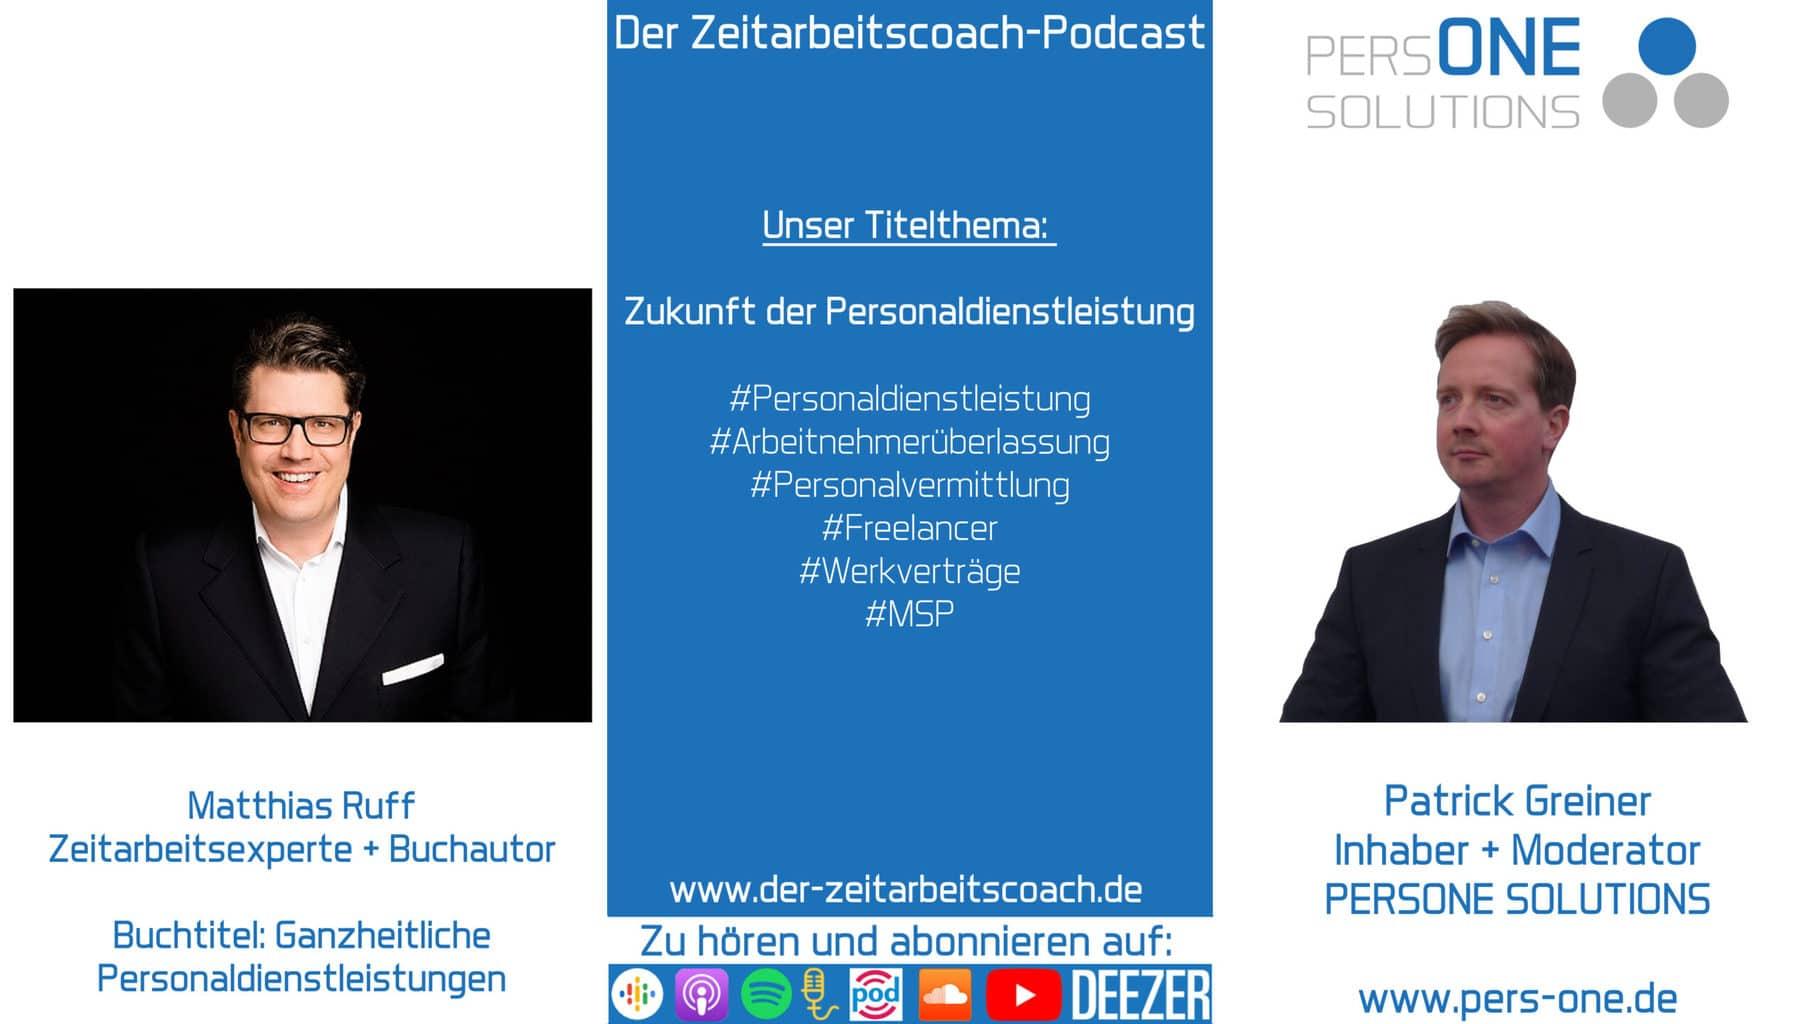 Ruff, Matthias_Podcast SM Grafik-Interview_Zeitarbeitscoach-Podcast